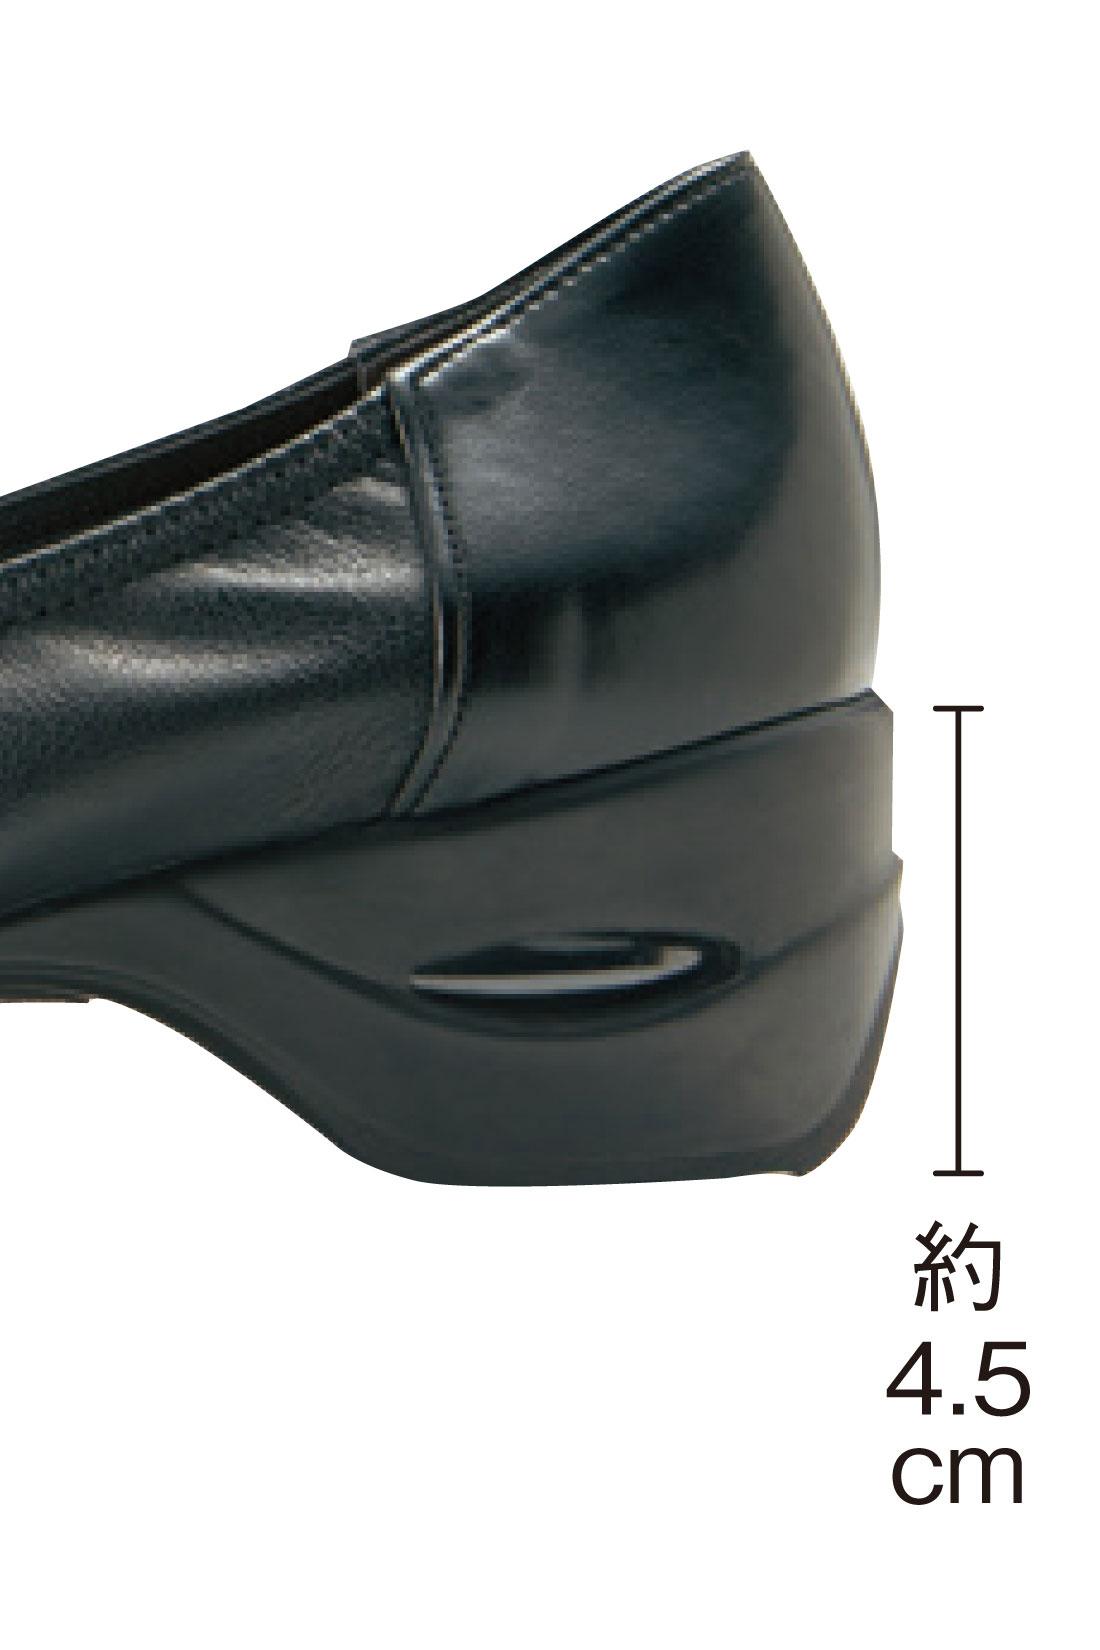 ヒールにこっそりエアバッグを内蔵しているから、4.5センチのヒールでもスニーカーのような履き心地!